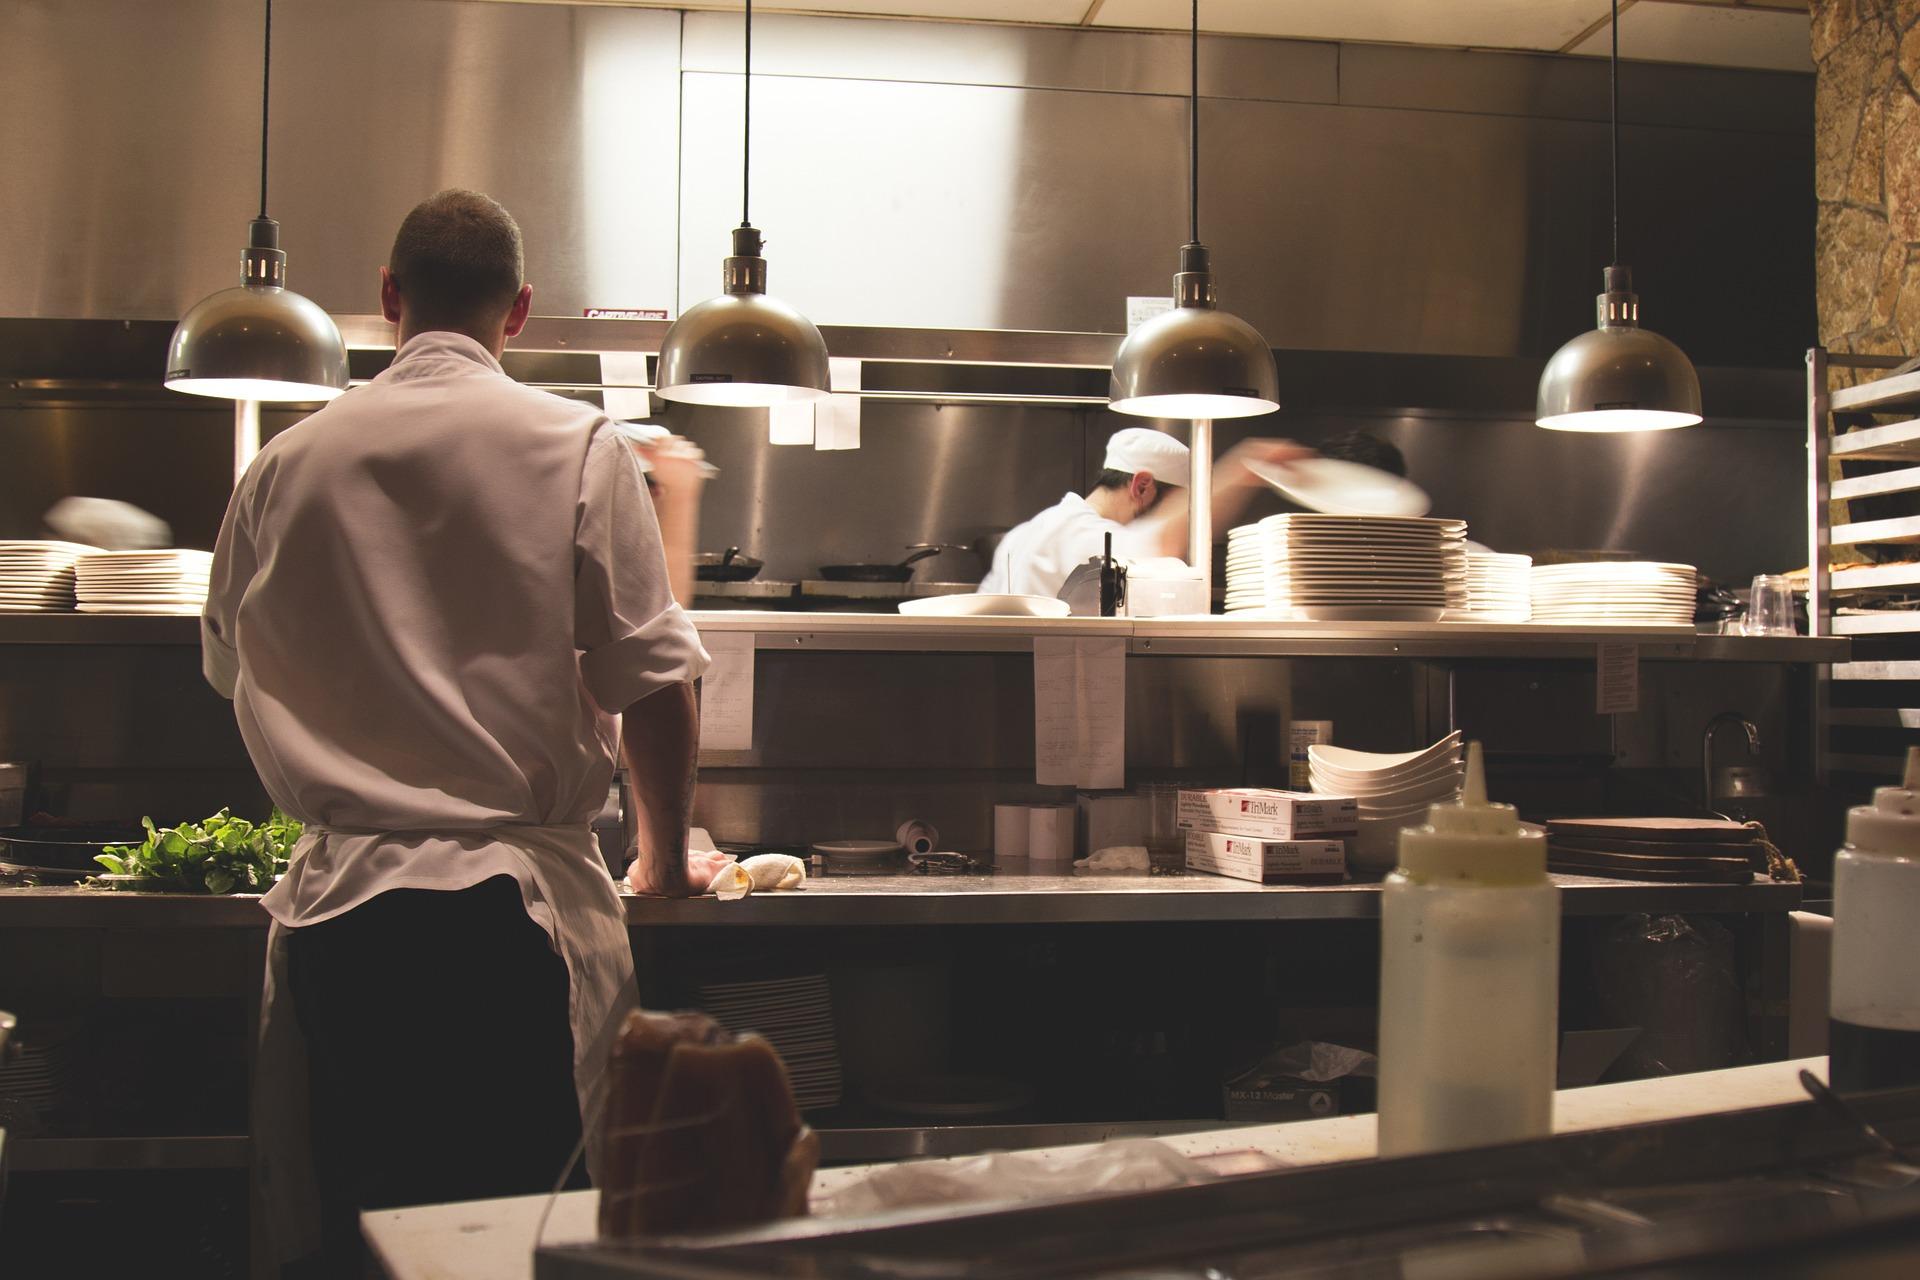 gestion de restaurante